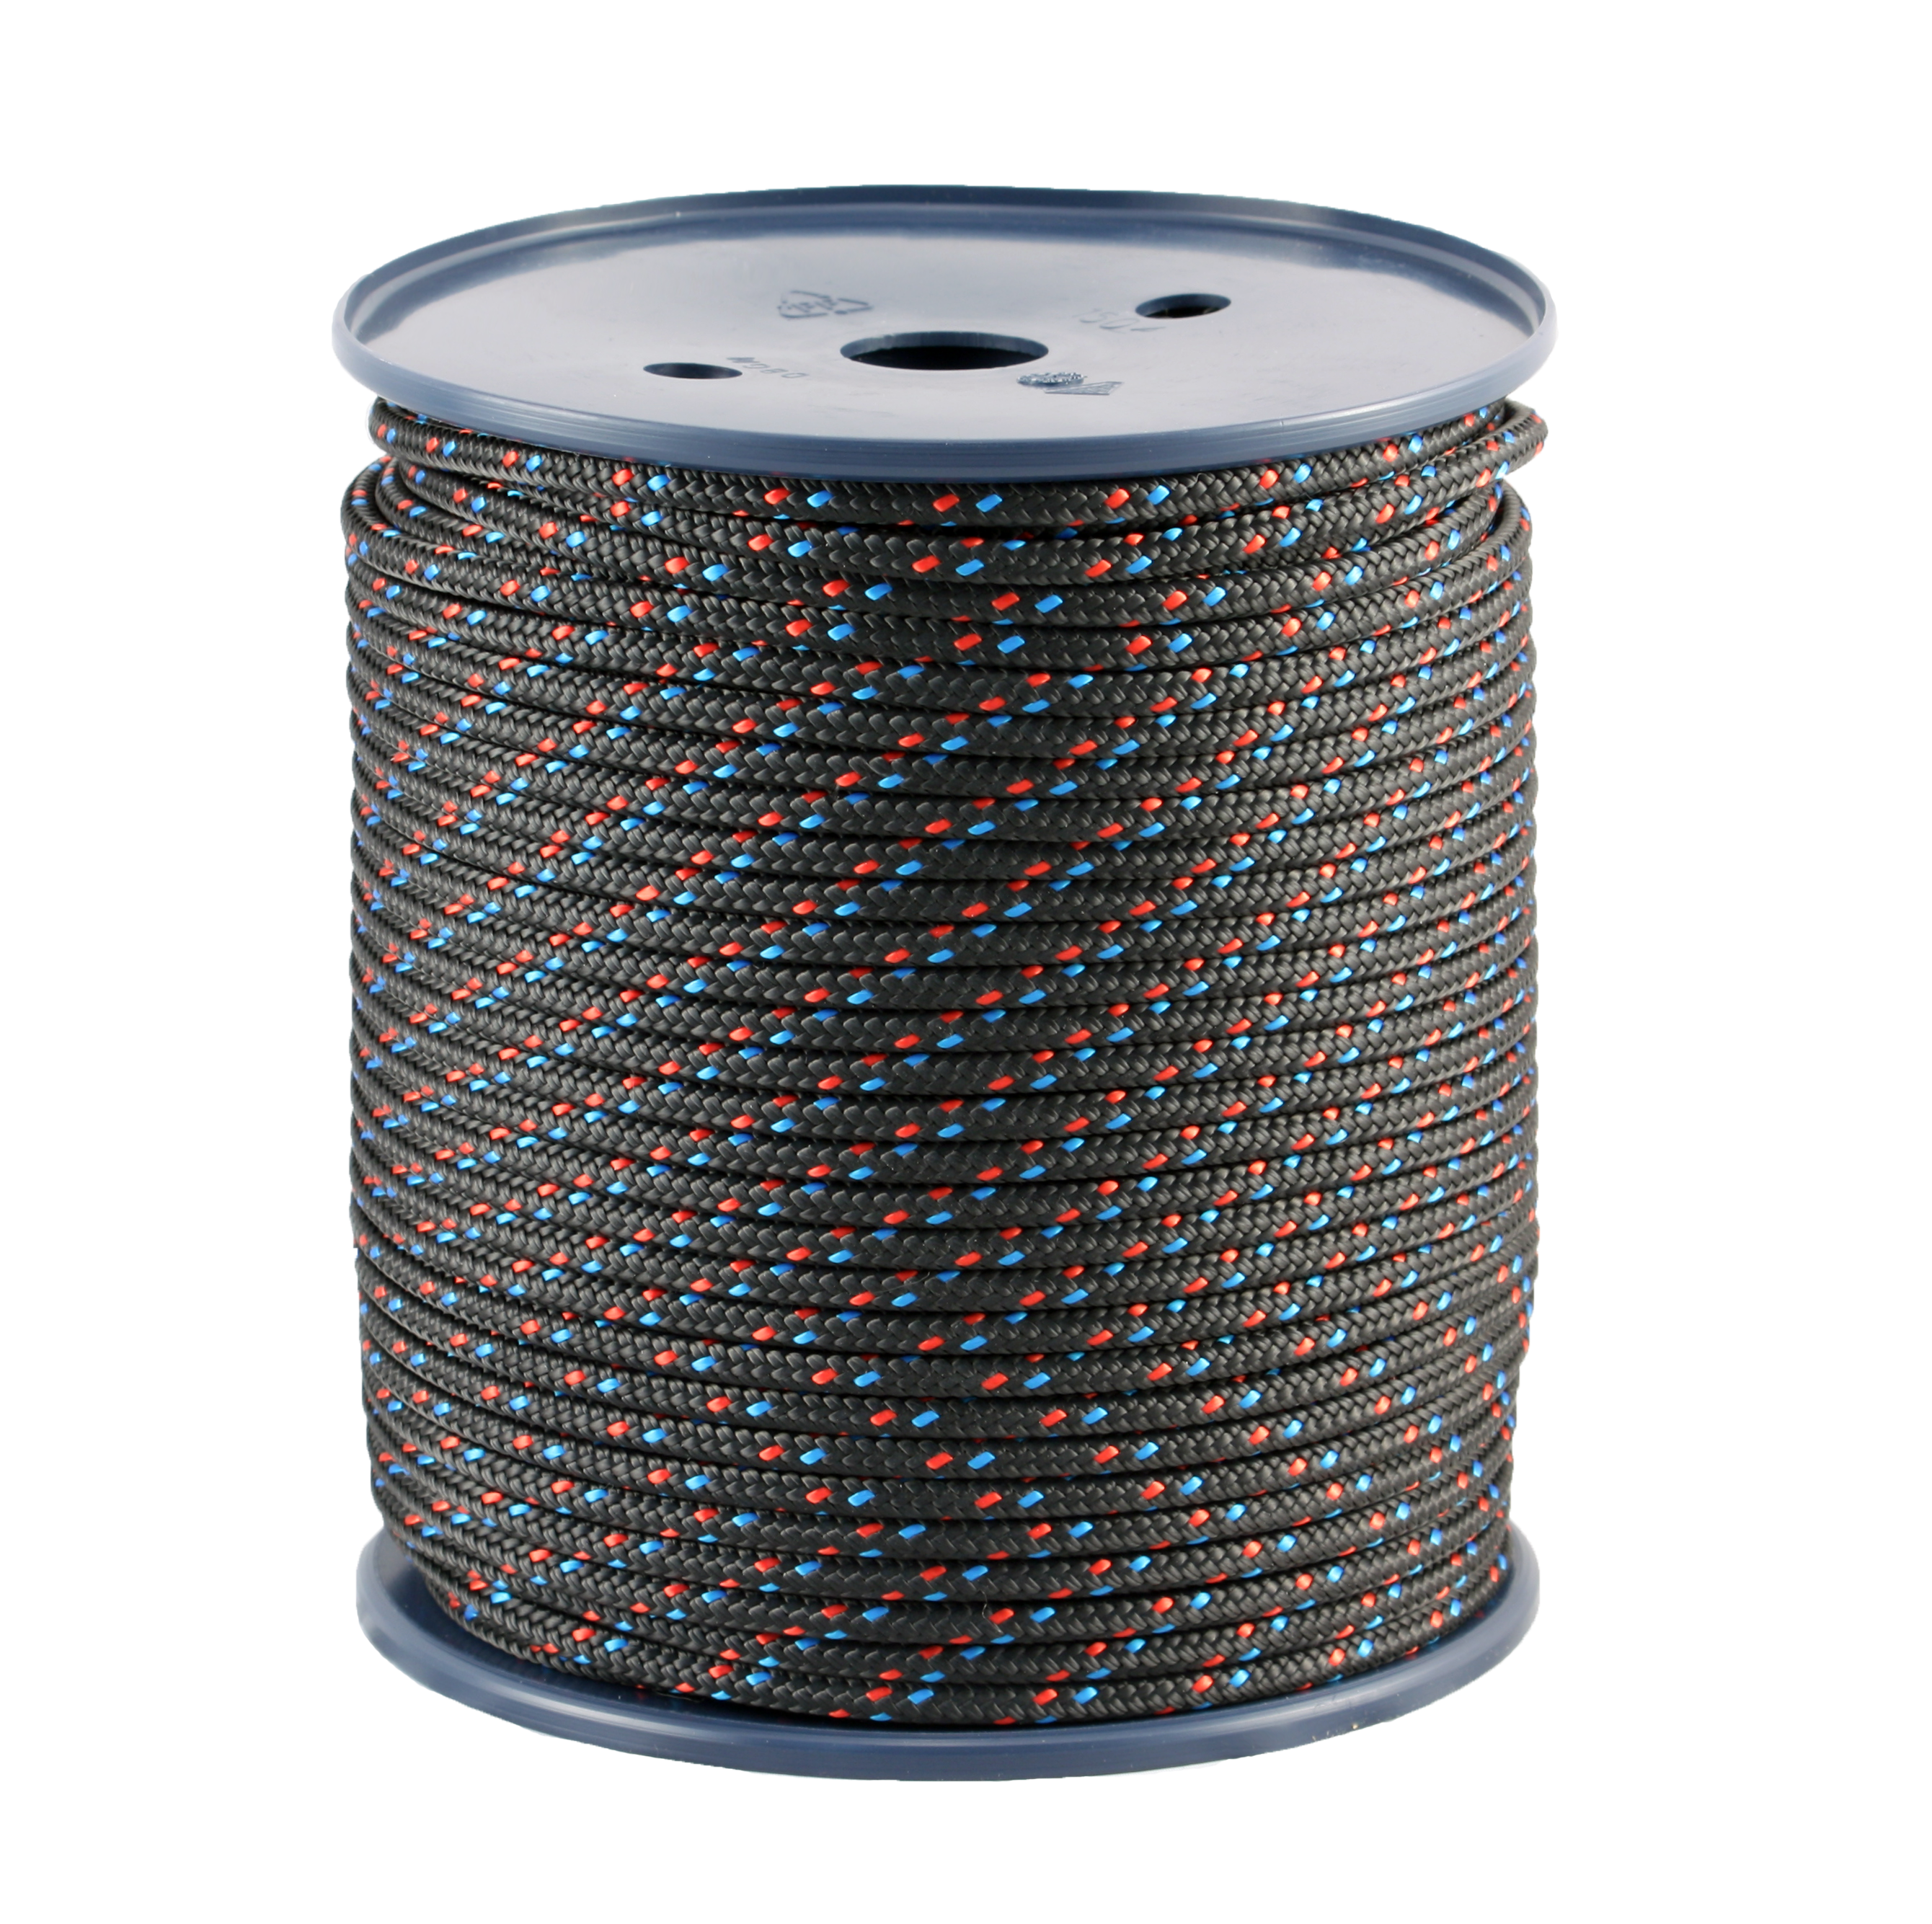 kevlar Tendon 3 mm czarny z czerwono niebieska kontrolka